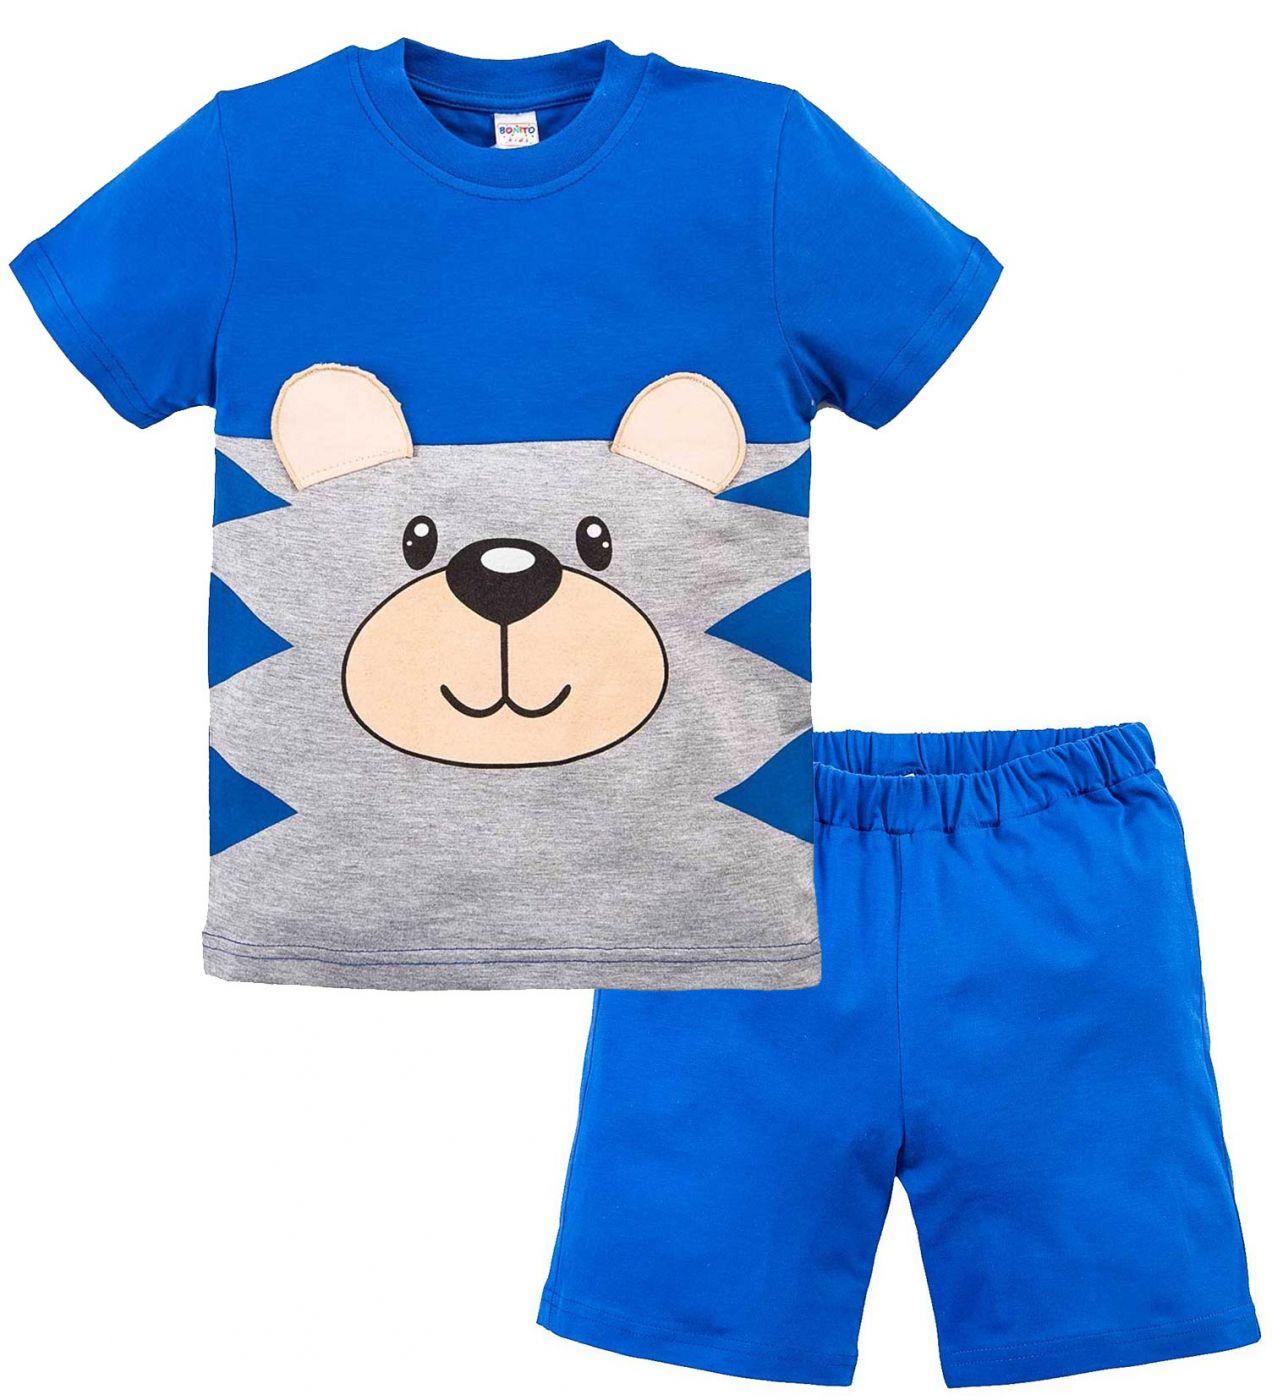 Костюм для мальчика Bonito синий с мордочкой мишки